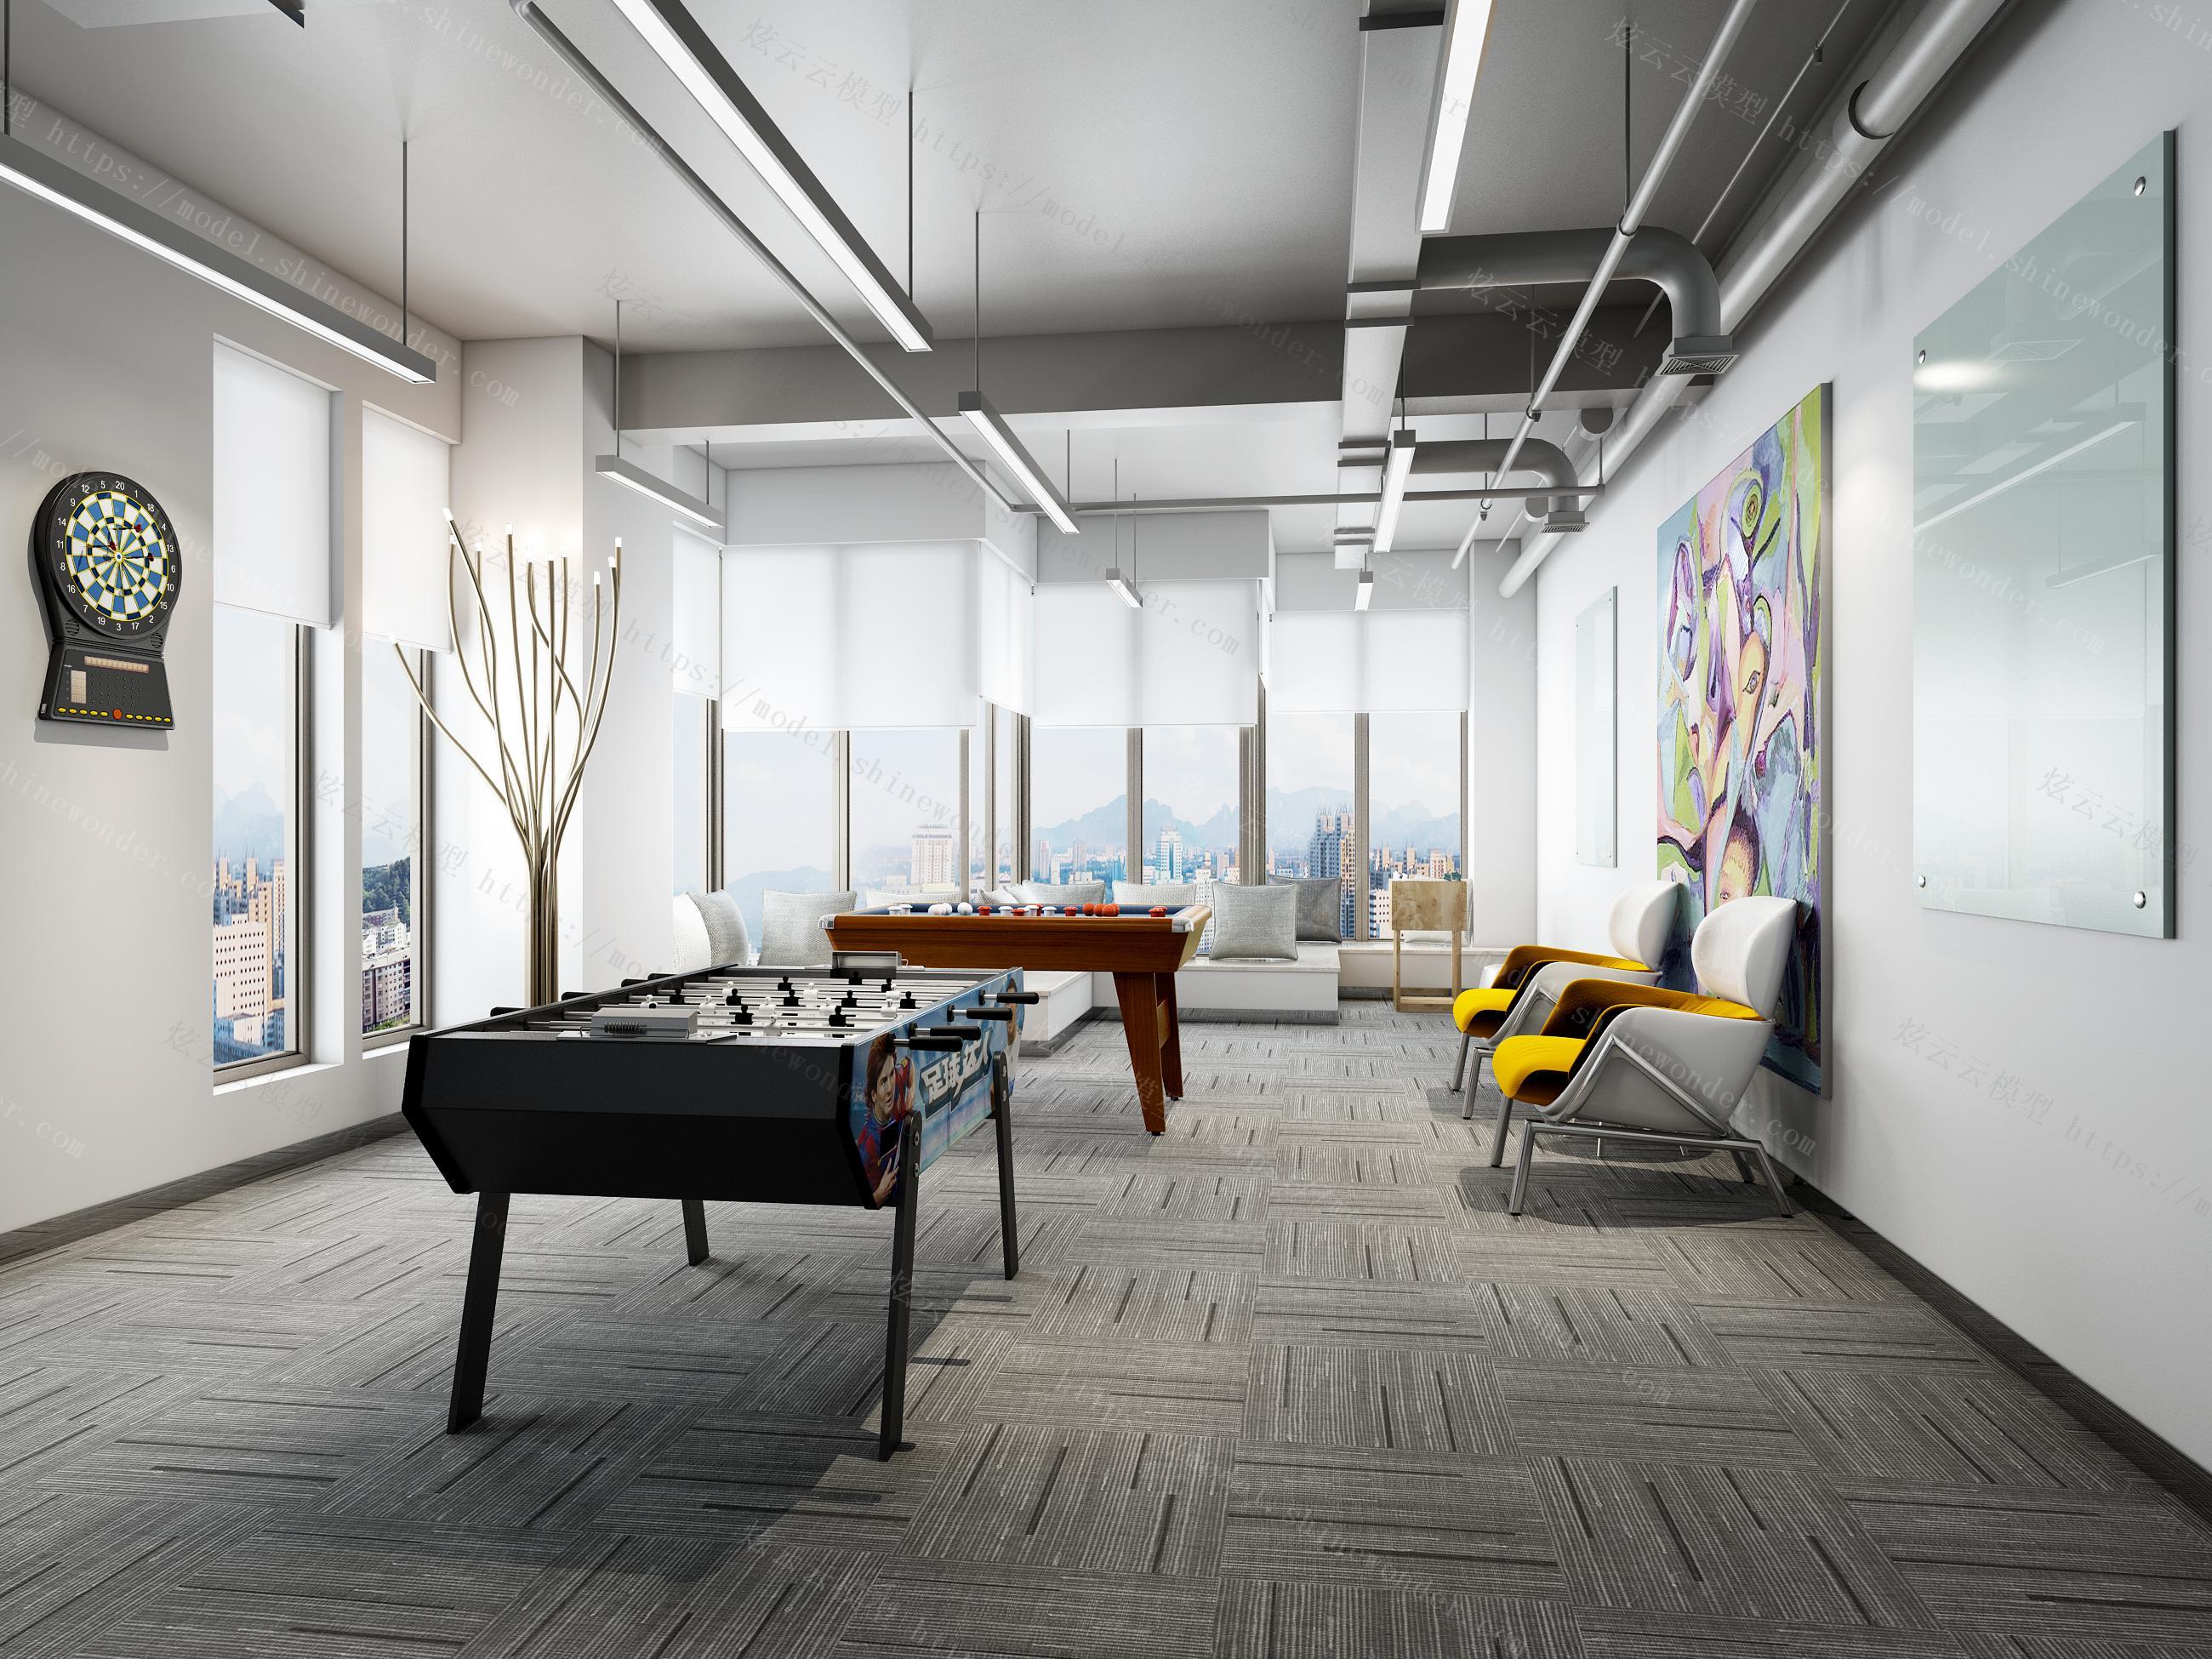 现代办公休闲室模型